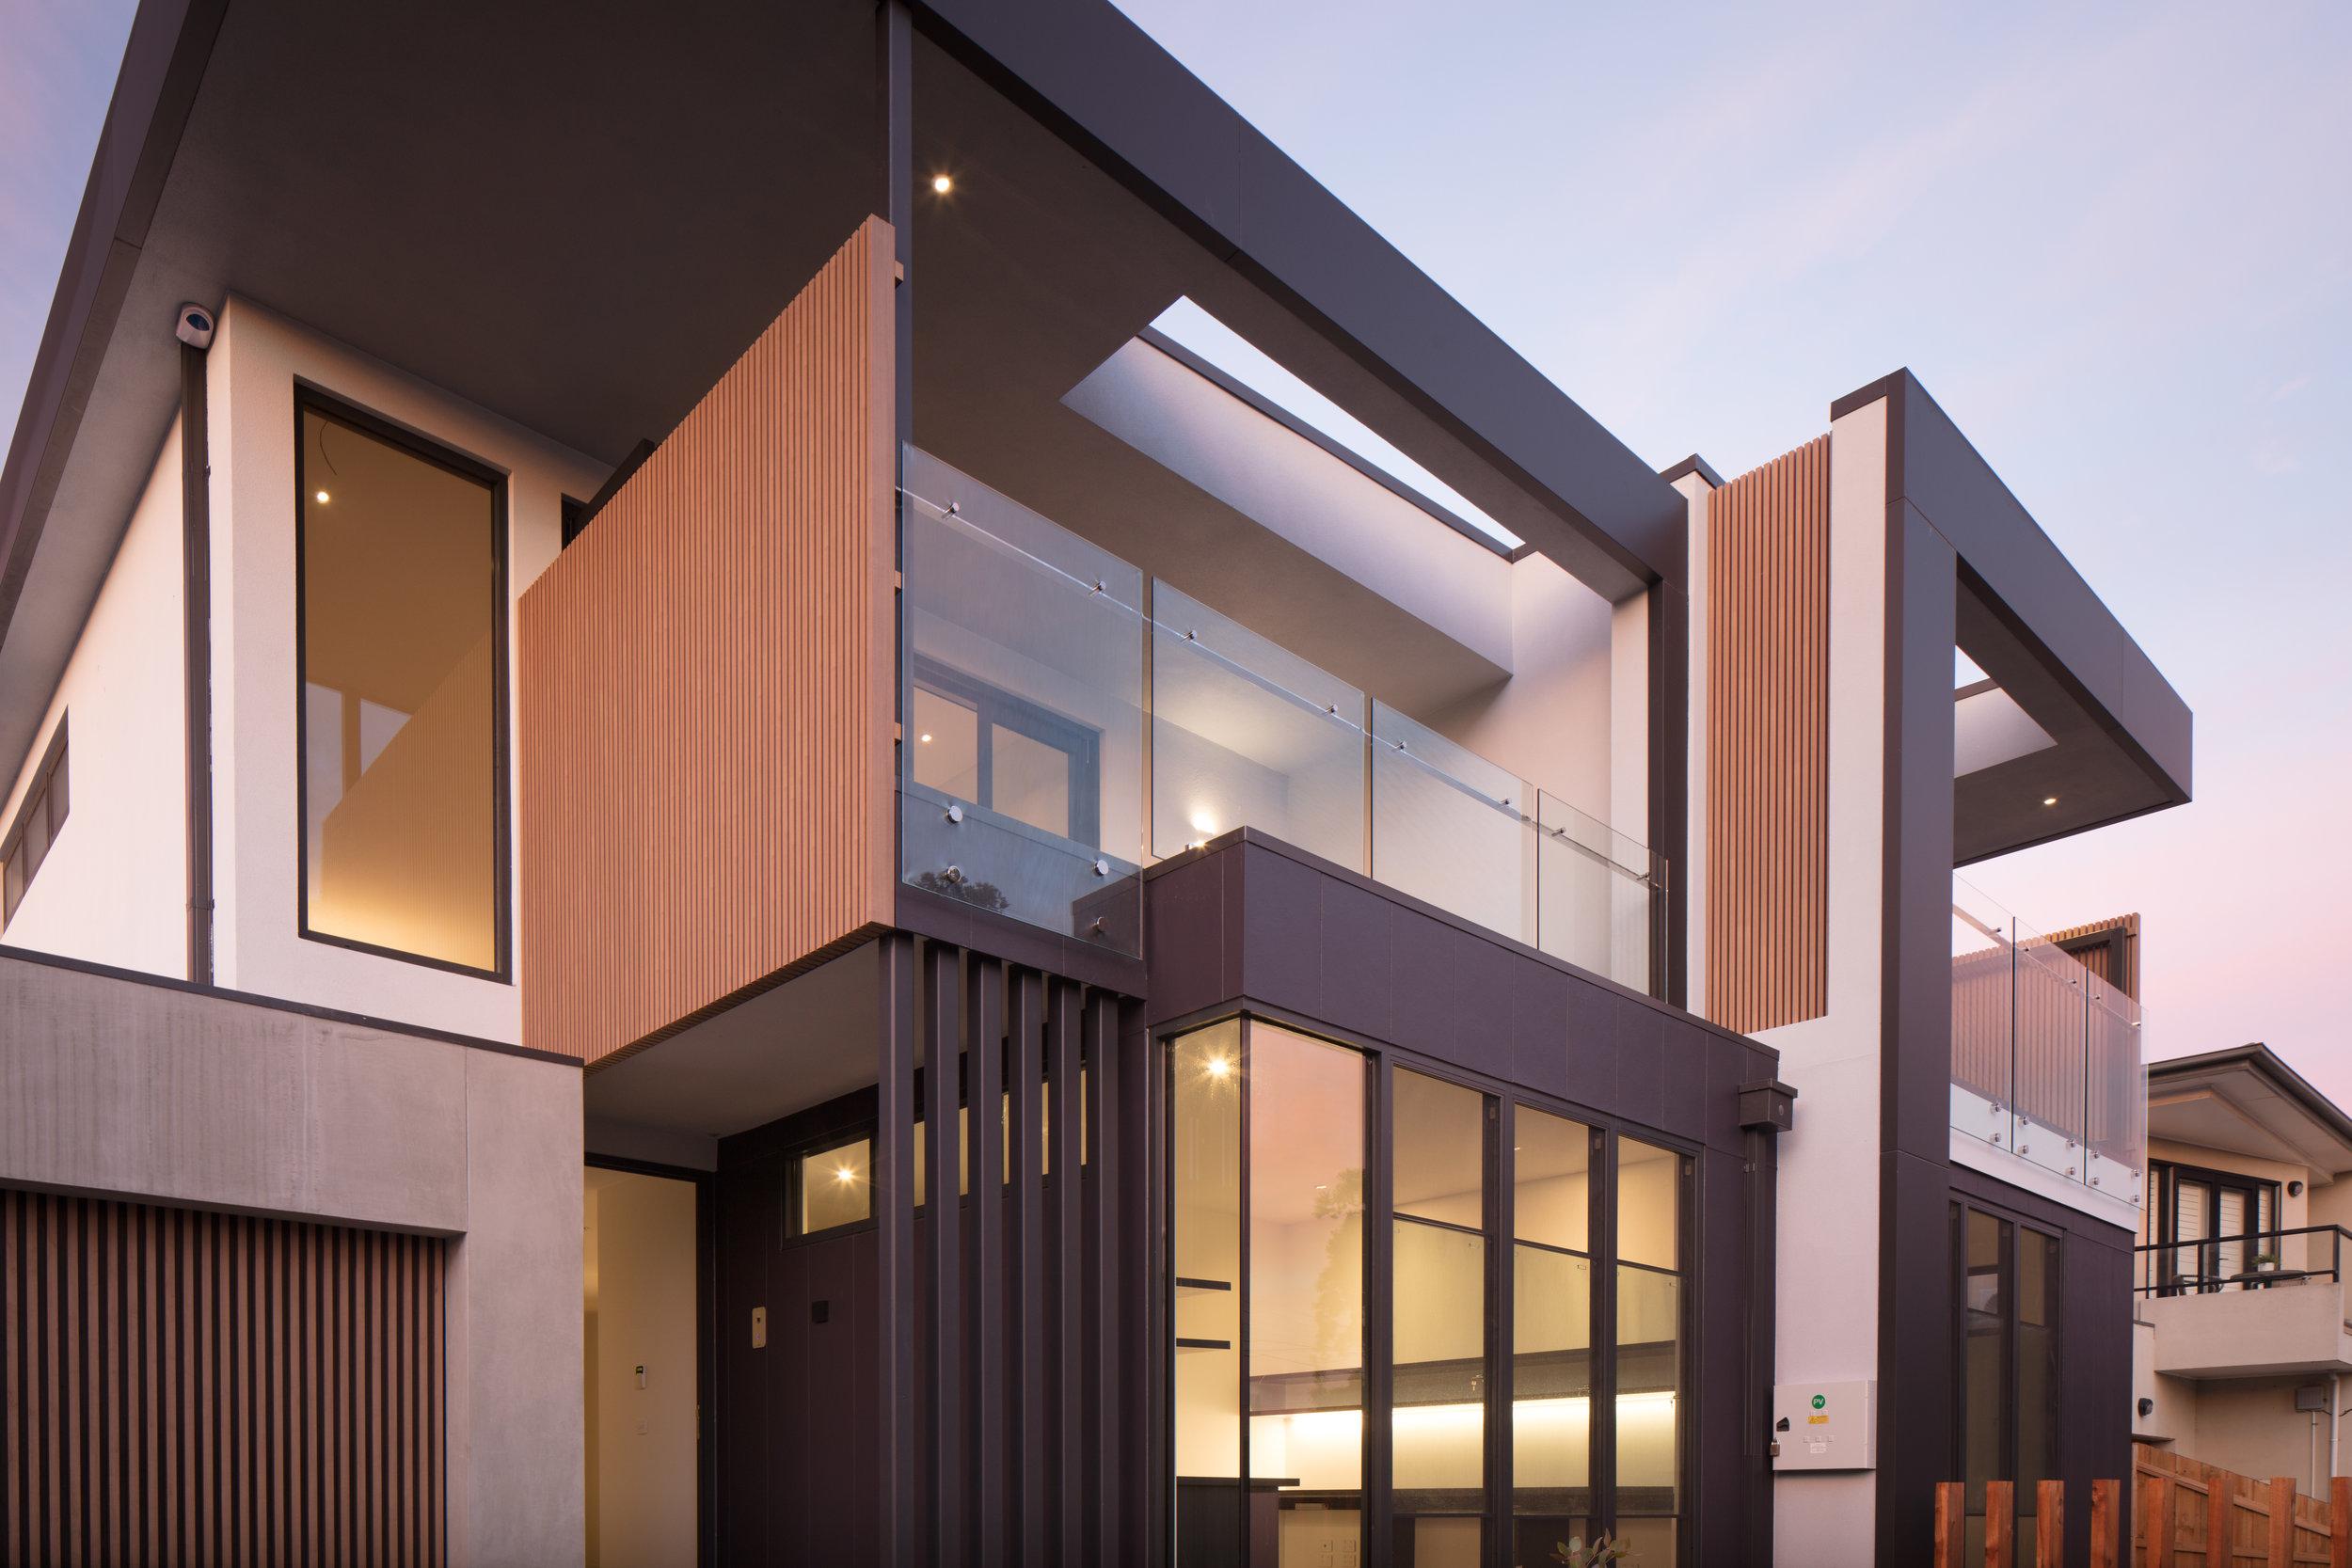 prefabricated screens and garage door battens